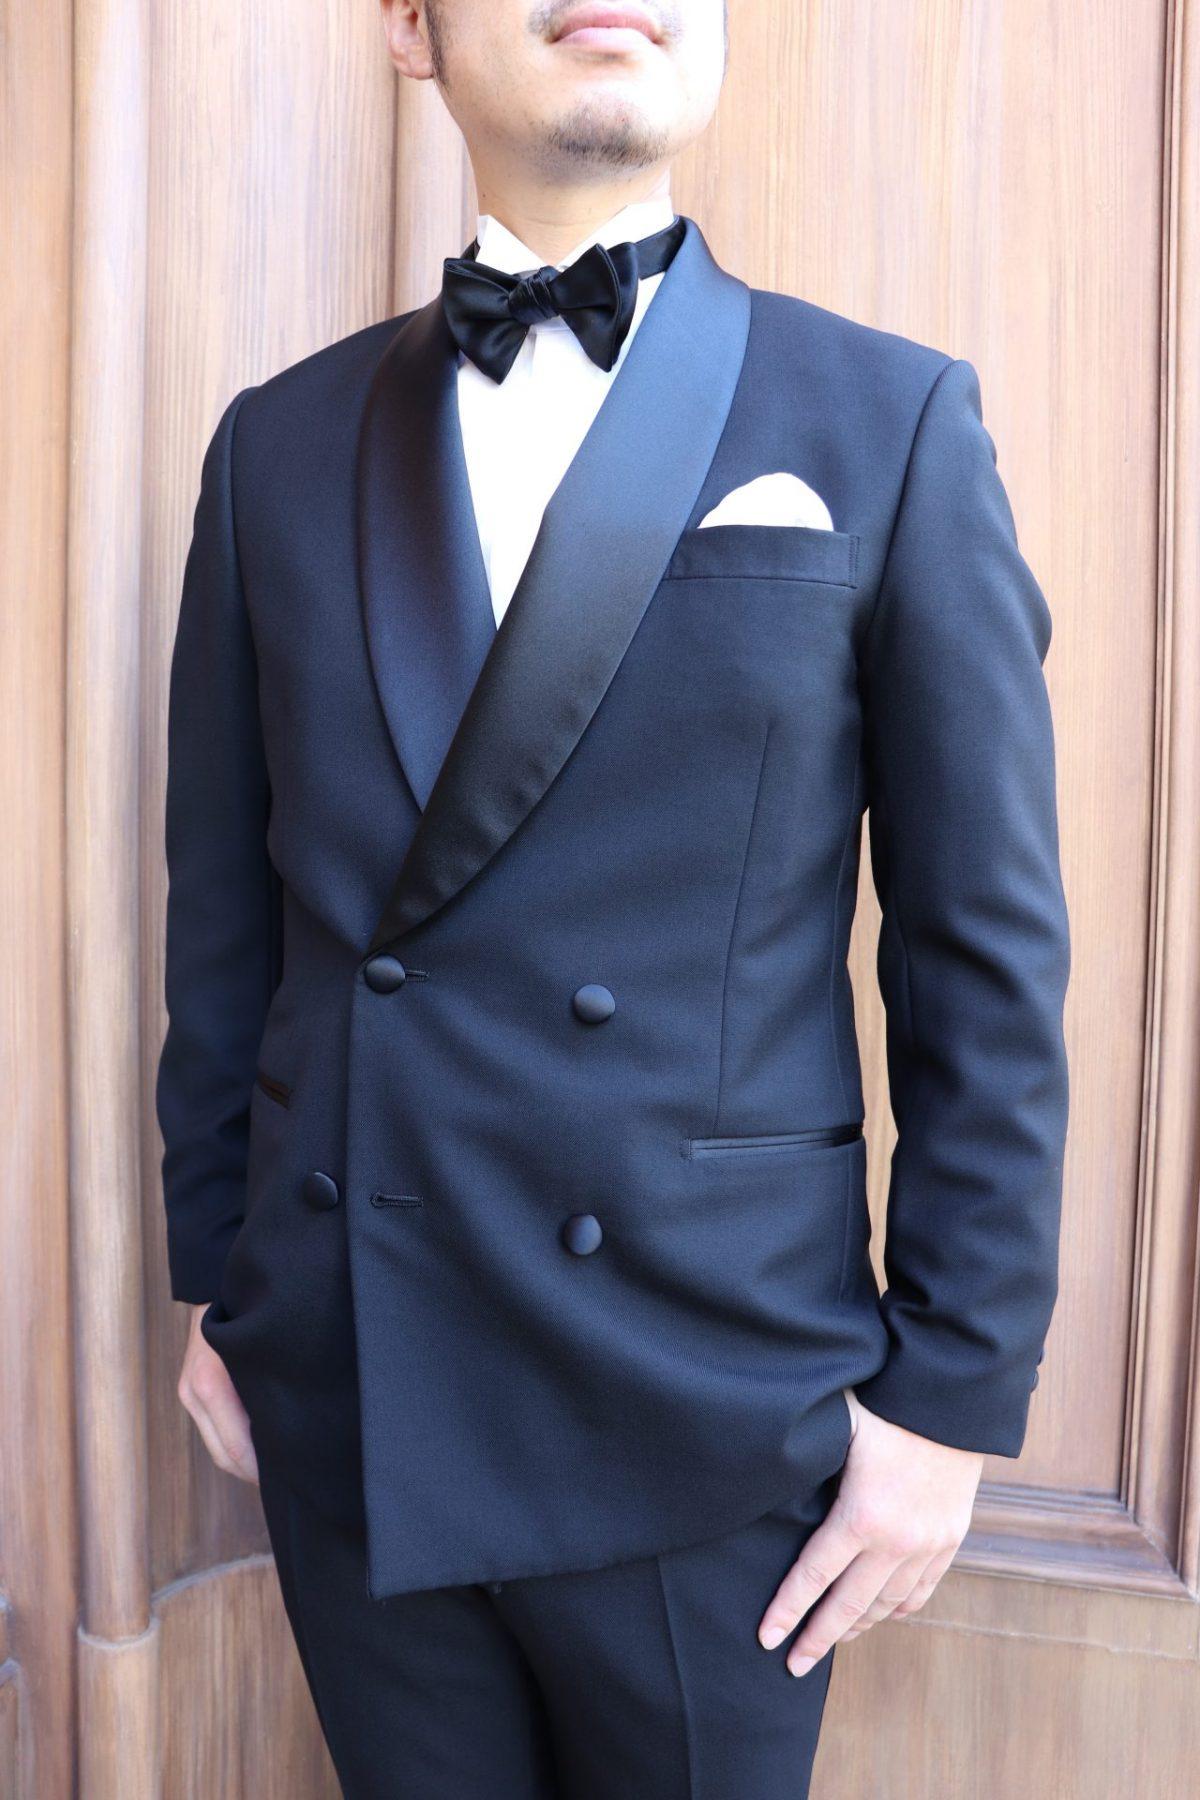 ・新郎様にお勧めしたい男性らしいダブルブレストのタキシードスタイル